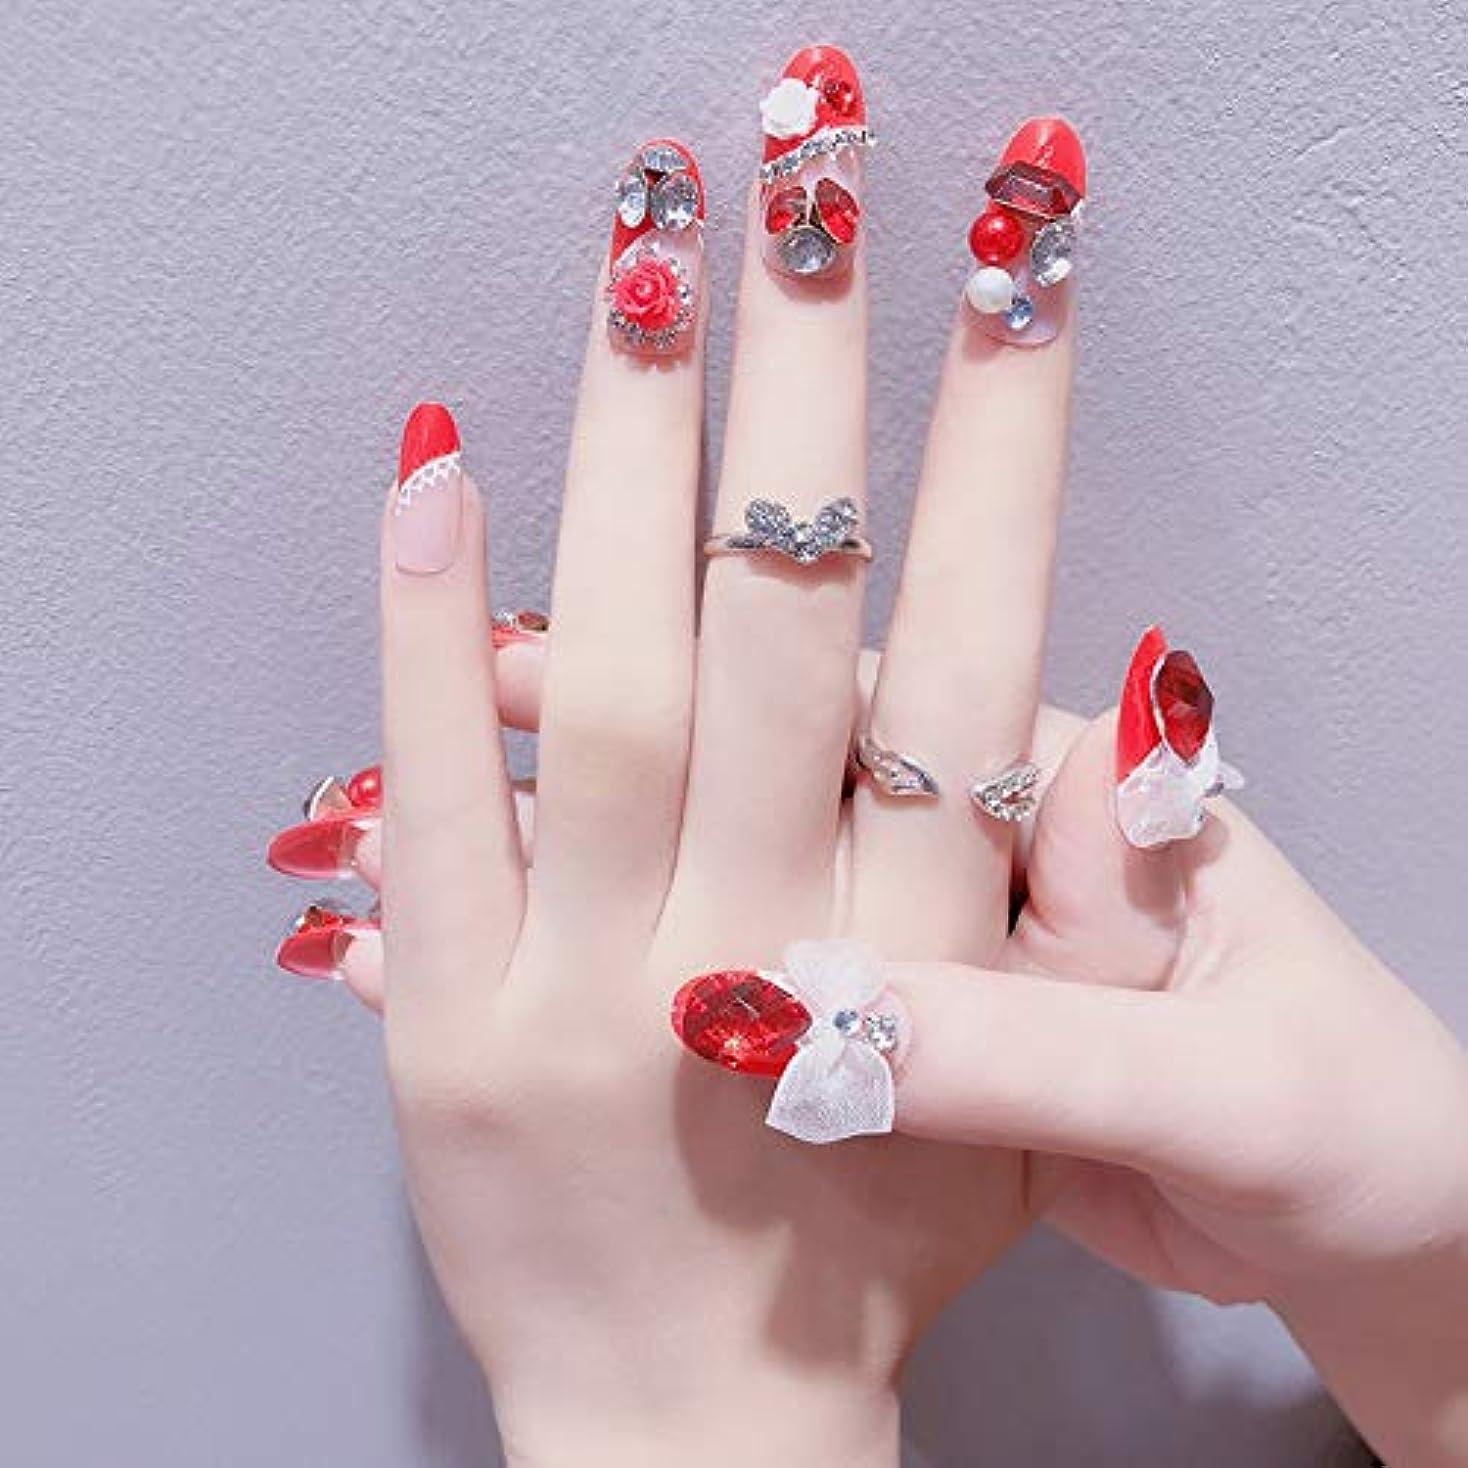 キャッシュ哲学者奨励豪华なつけ爪 眩しいつけ爪 ネイルチップ ブルー ラインストーンリボンが輝く 24枚組セット 結婚式、パーティー、二次会などに ネイルアート (AF08)